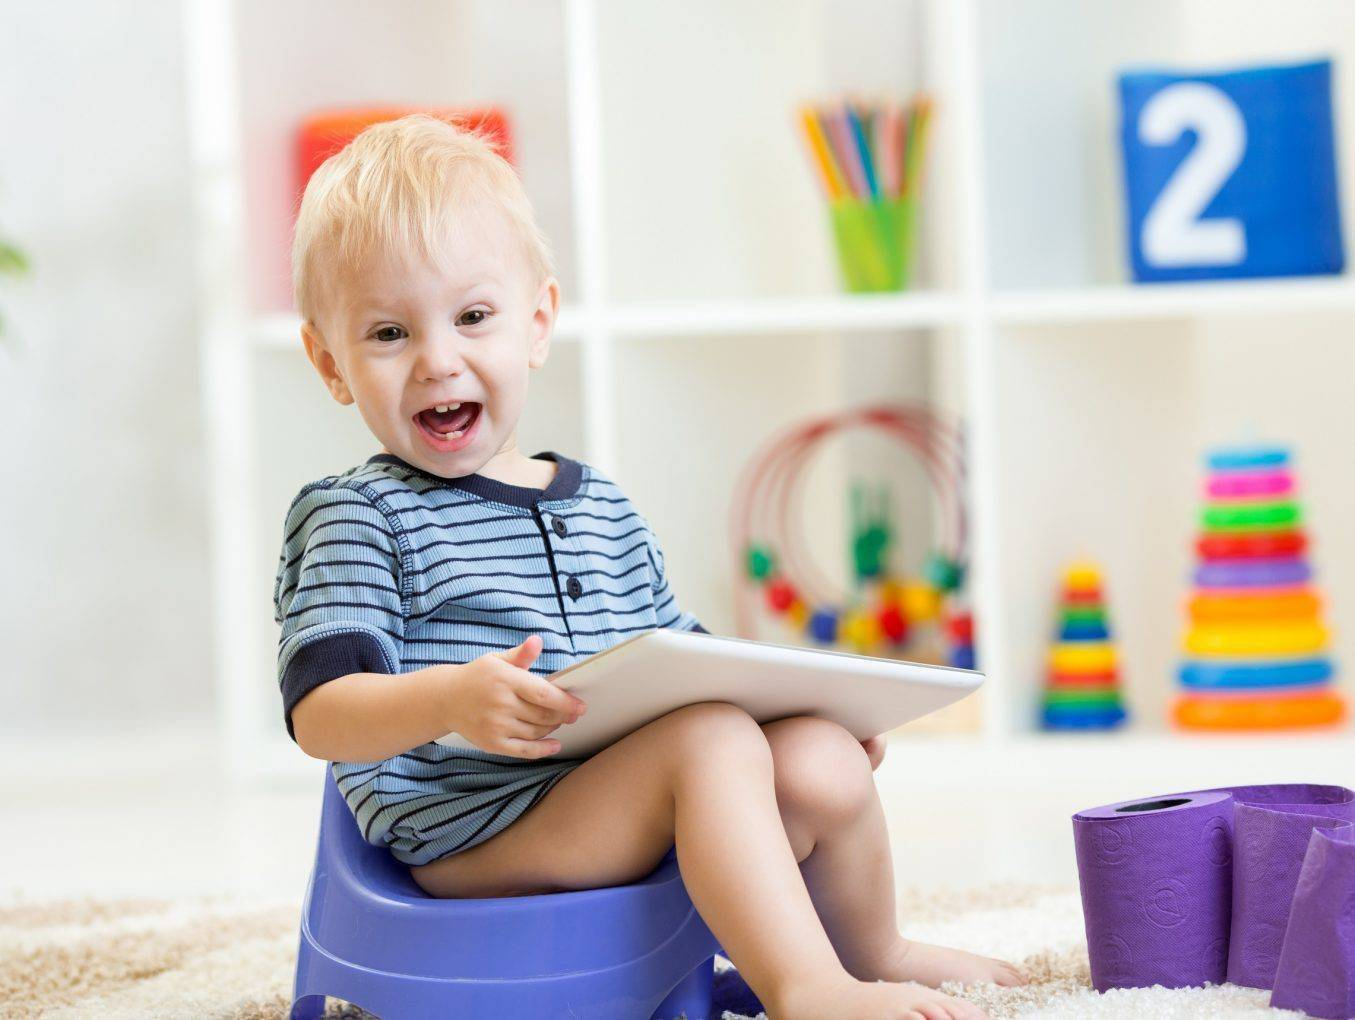 Как приучить ребенка к горшку: методика 7 дней, когда и как быстро это делать, видео